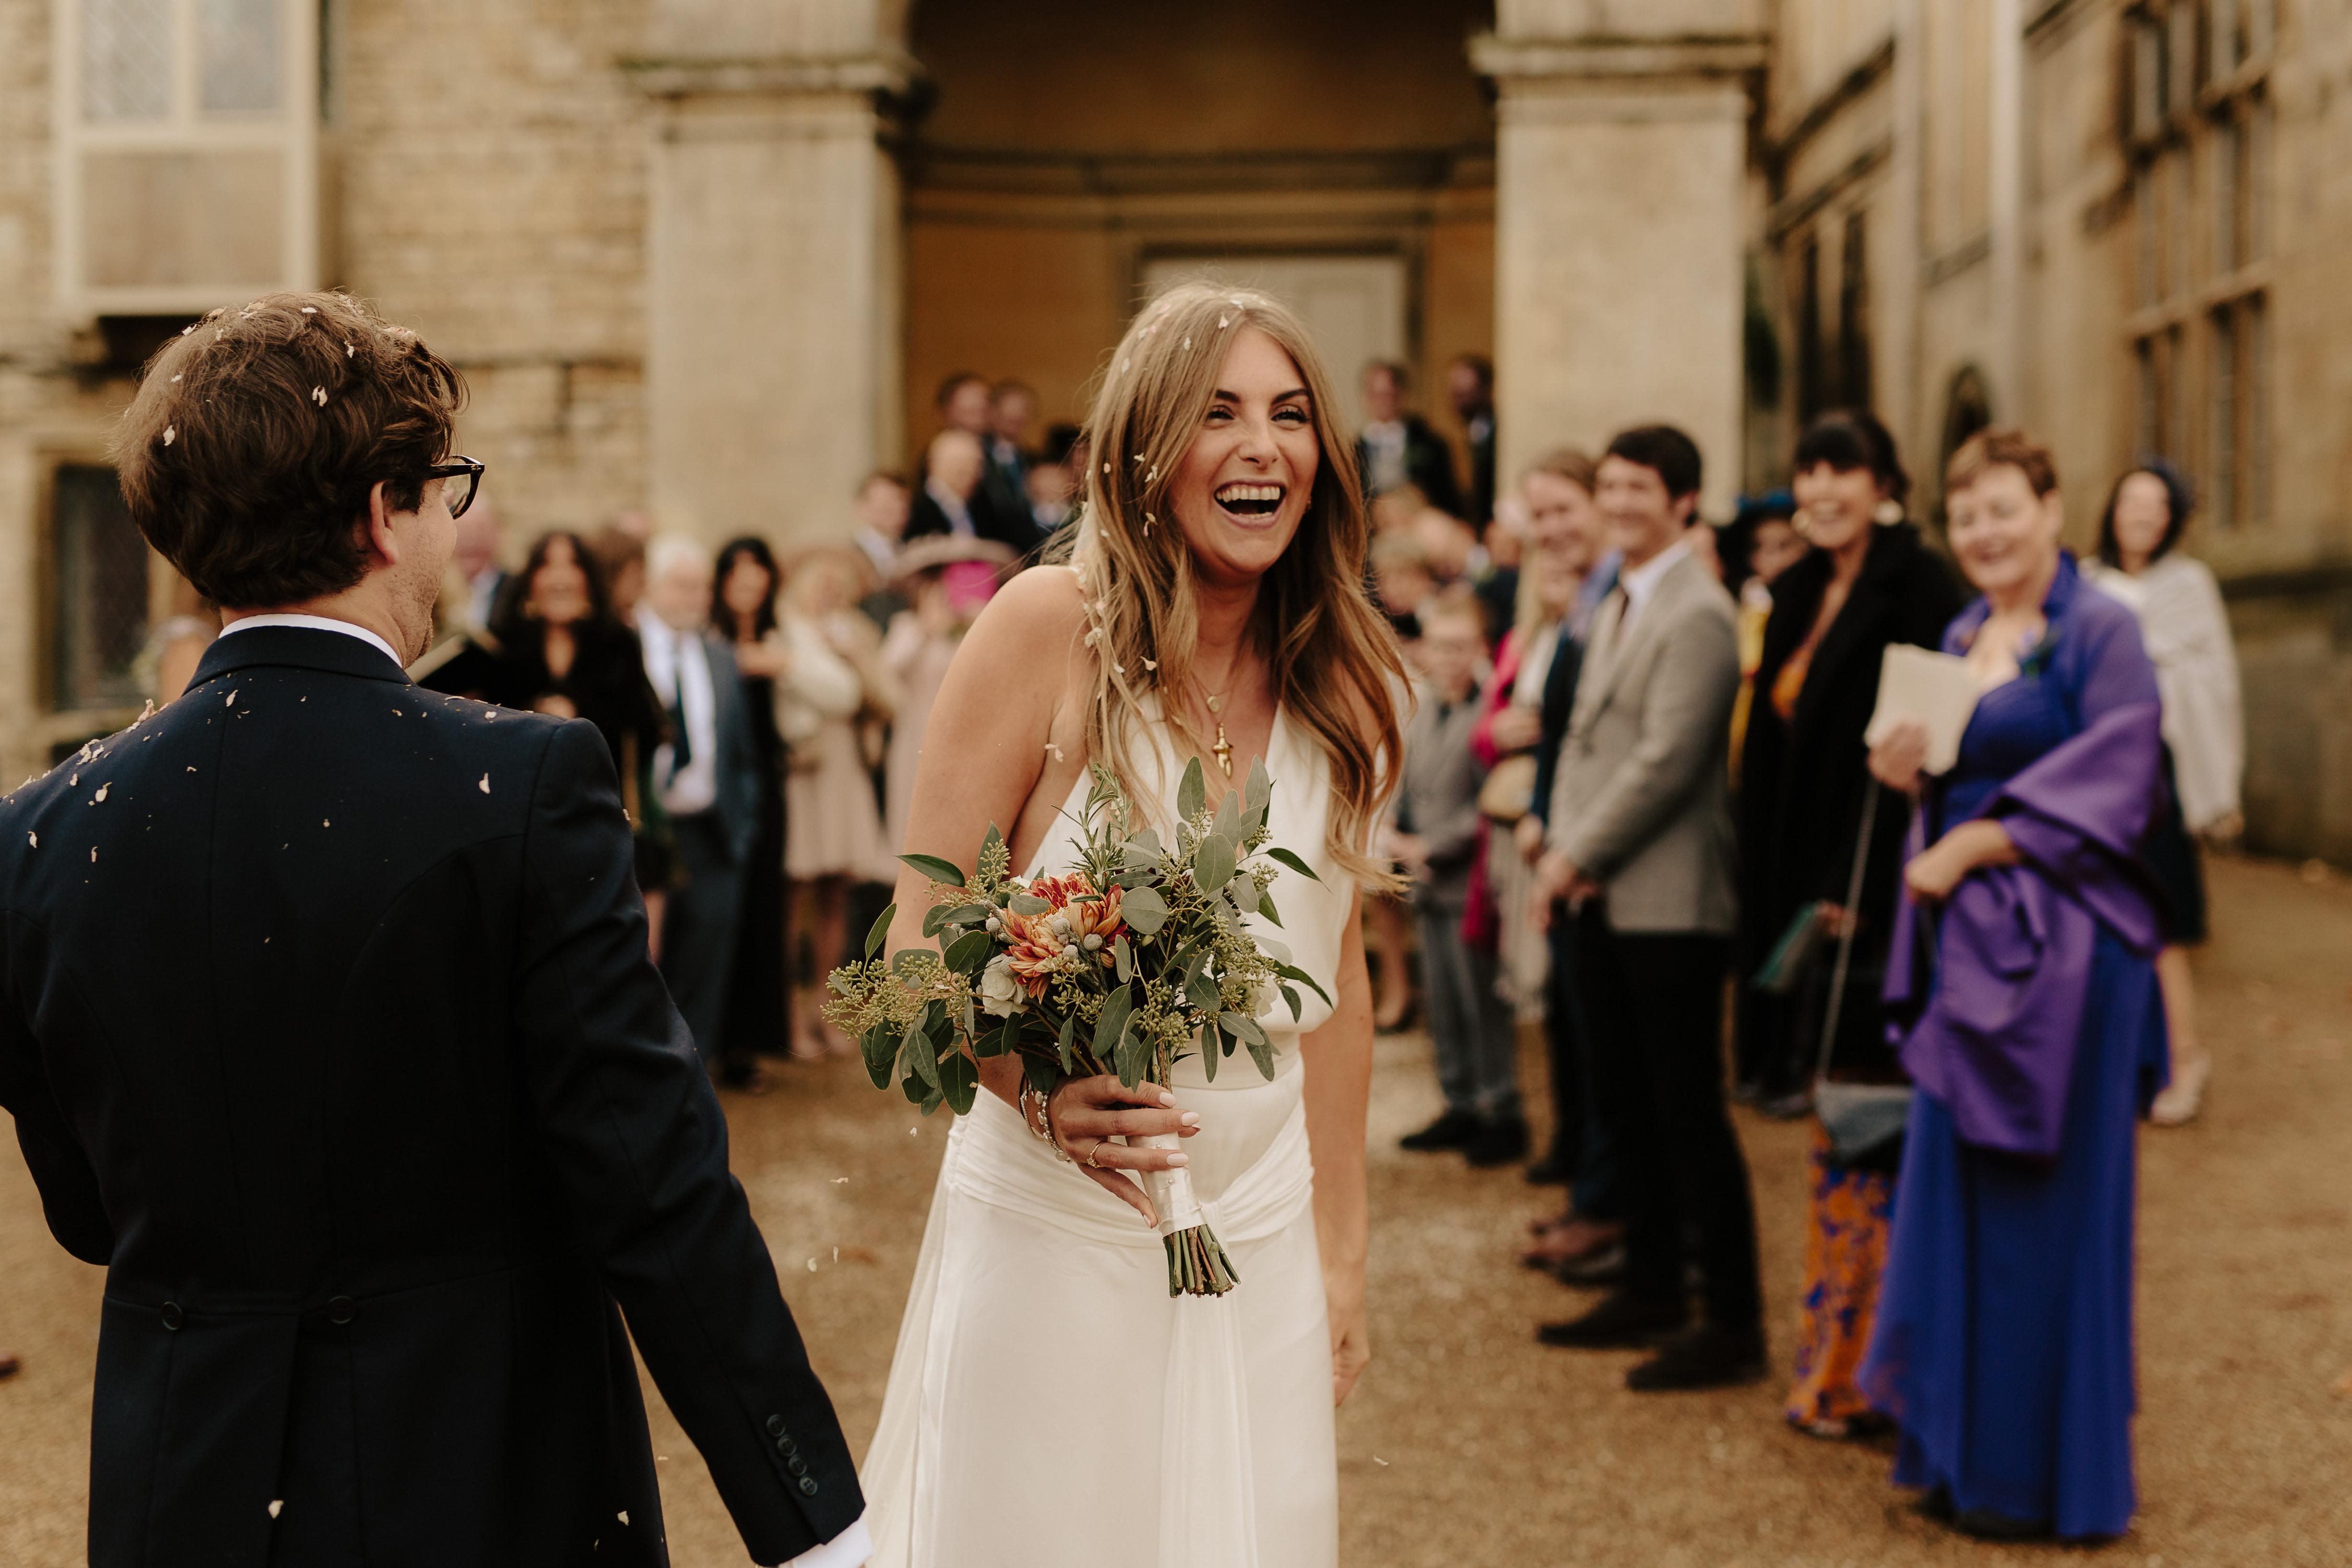 Wedding Make Up - Sinead Crowe Wedding